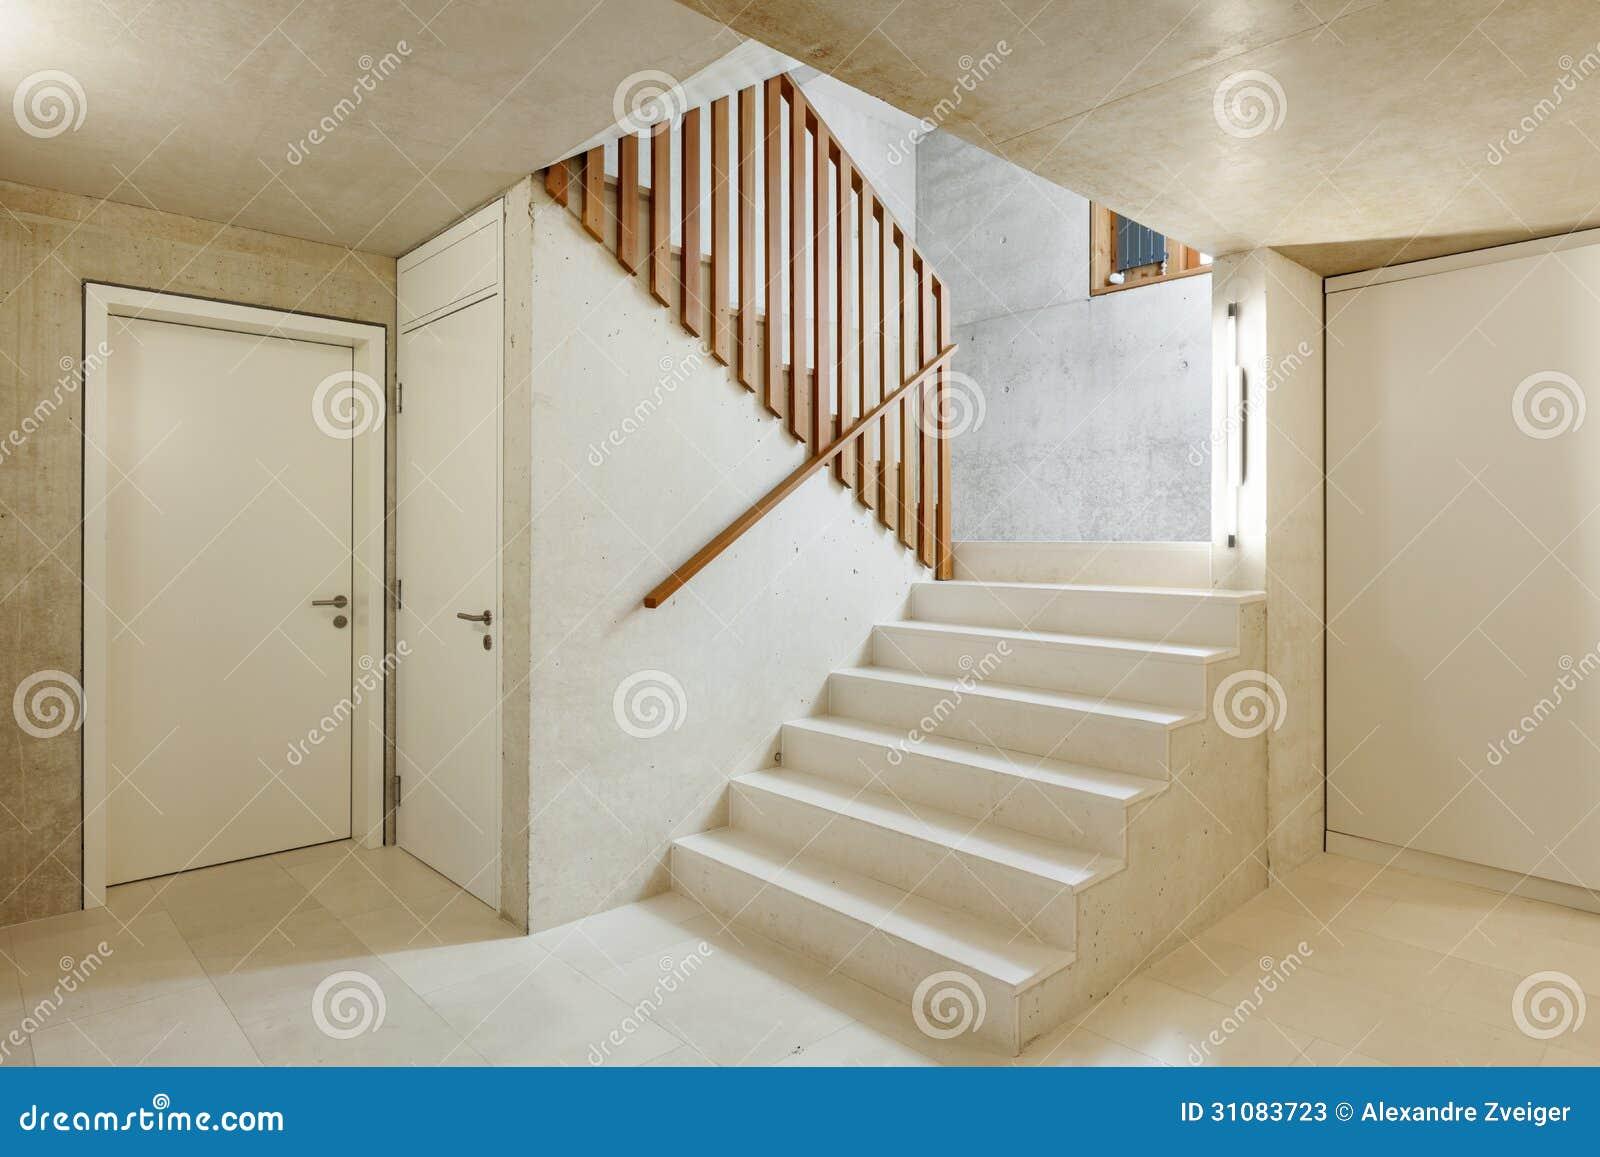 Binnenlands huis trap stock afbeelding afbeelding bestaande uit